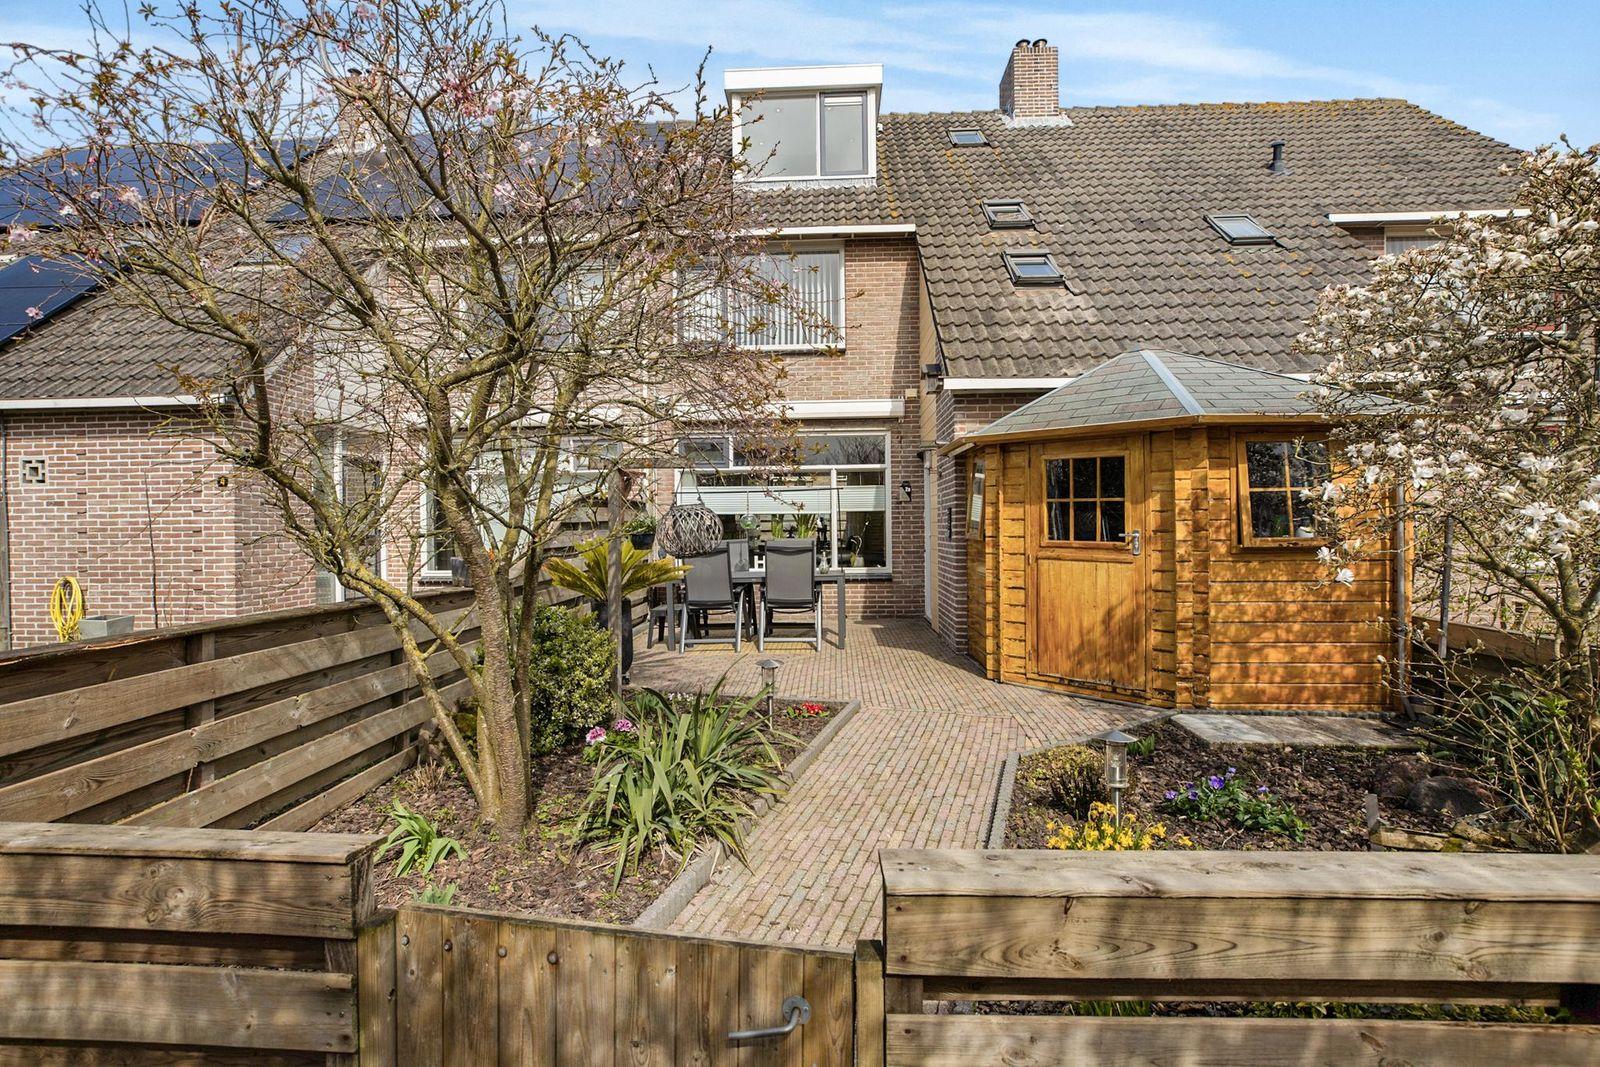 C. J. Colijnstraat 2-A, Breezand